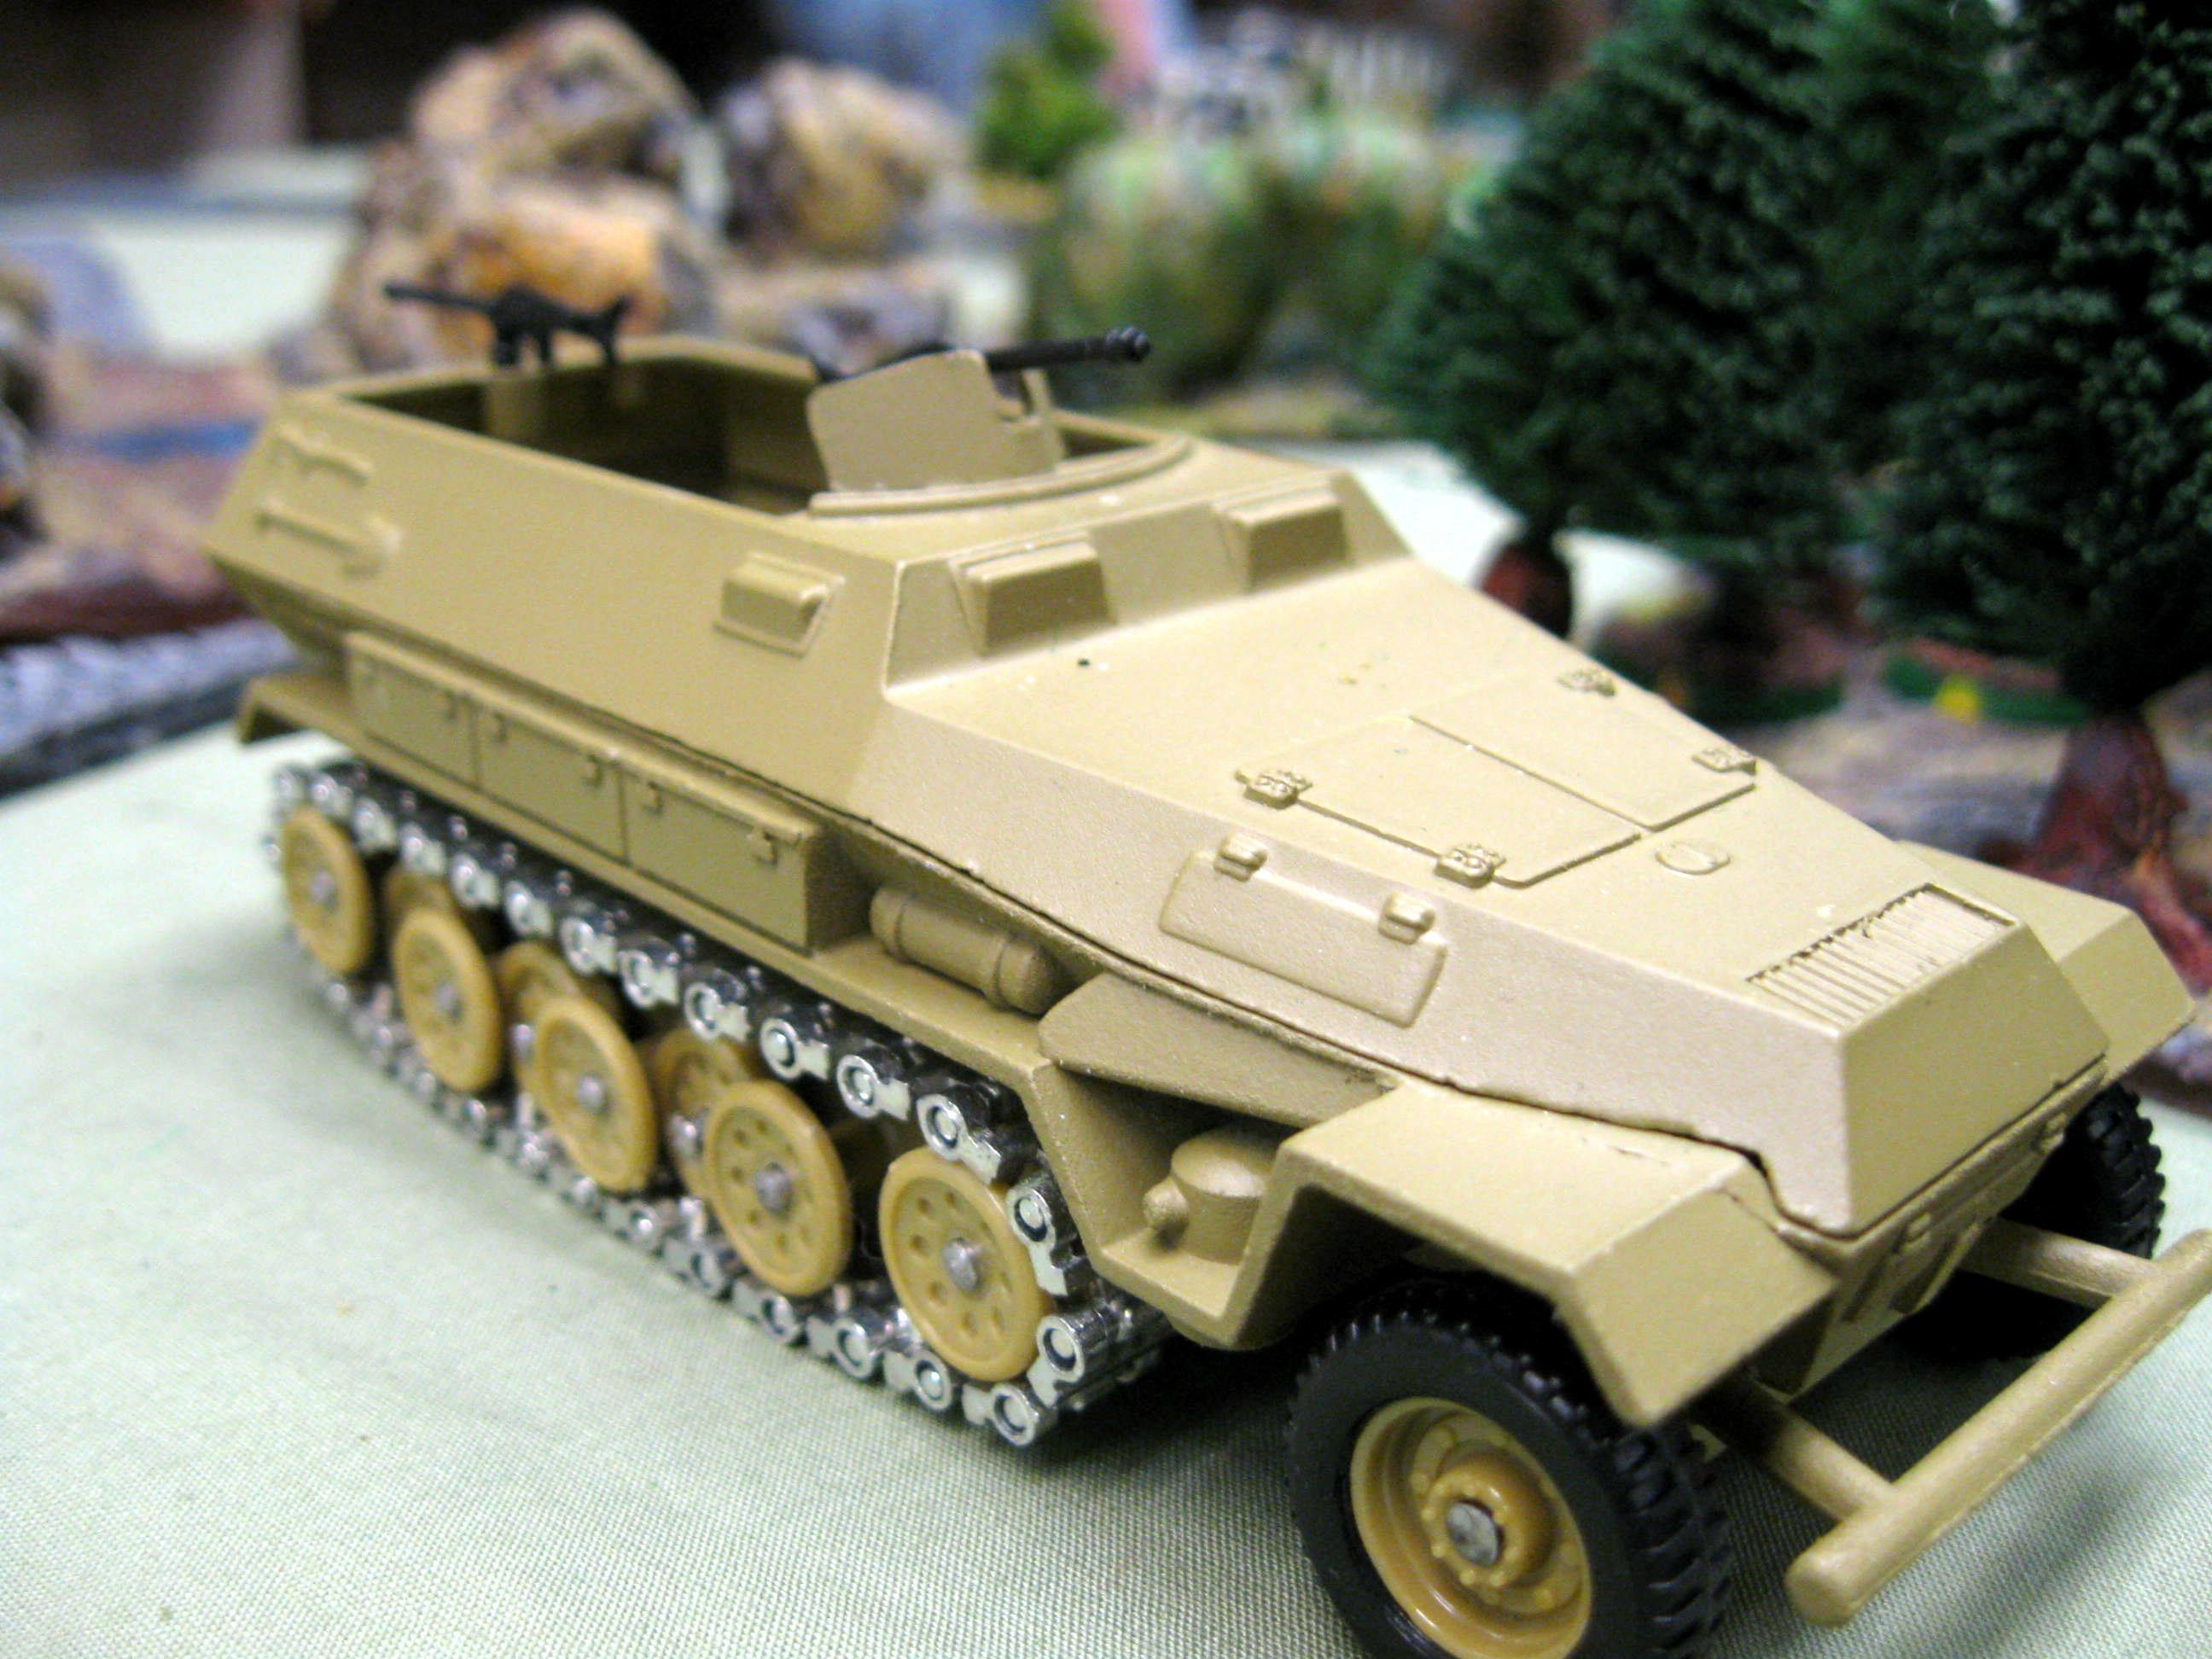 25mm, 28mm, Daemonhunters, Nazis, Panzergrenadiers, World War 2